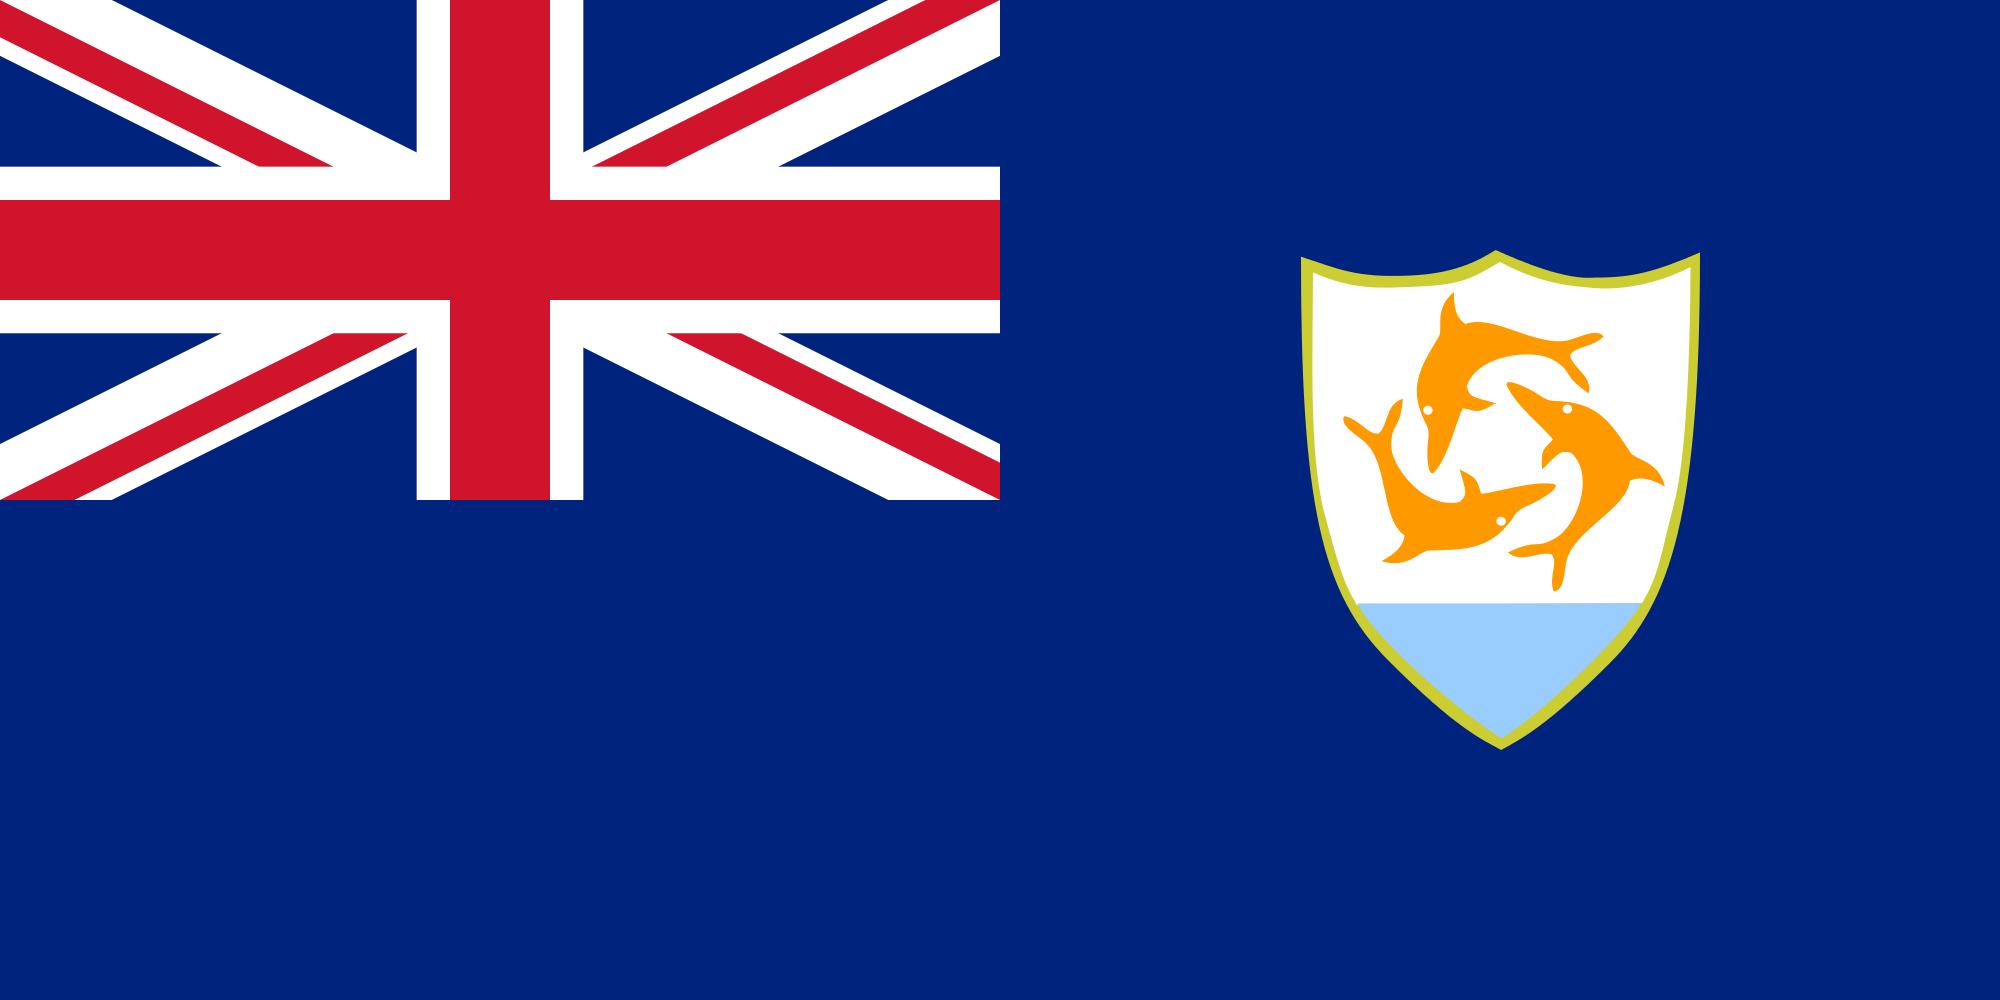 anguila, país, emblema, insignia, σύμβολο - Wallpapers HD - Professor-falken.com